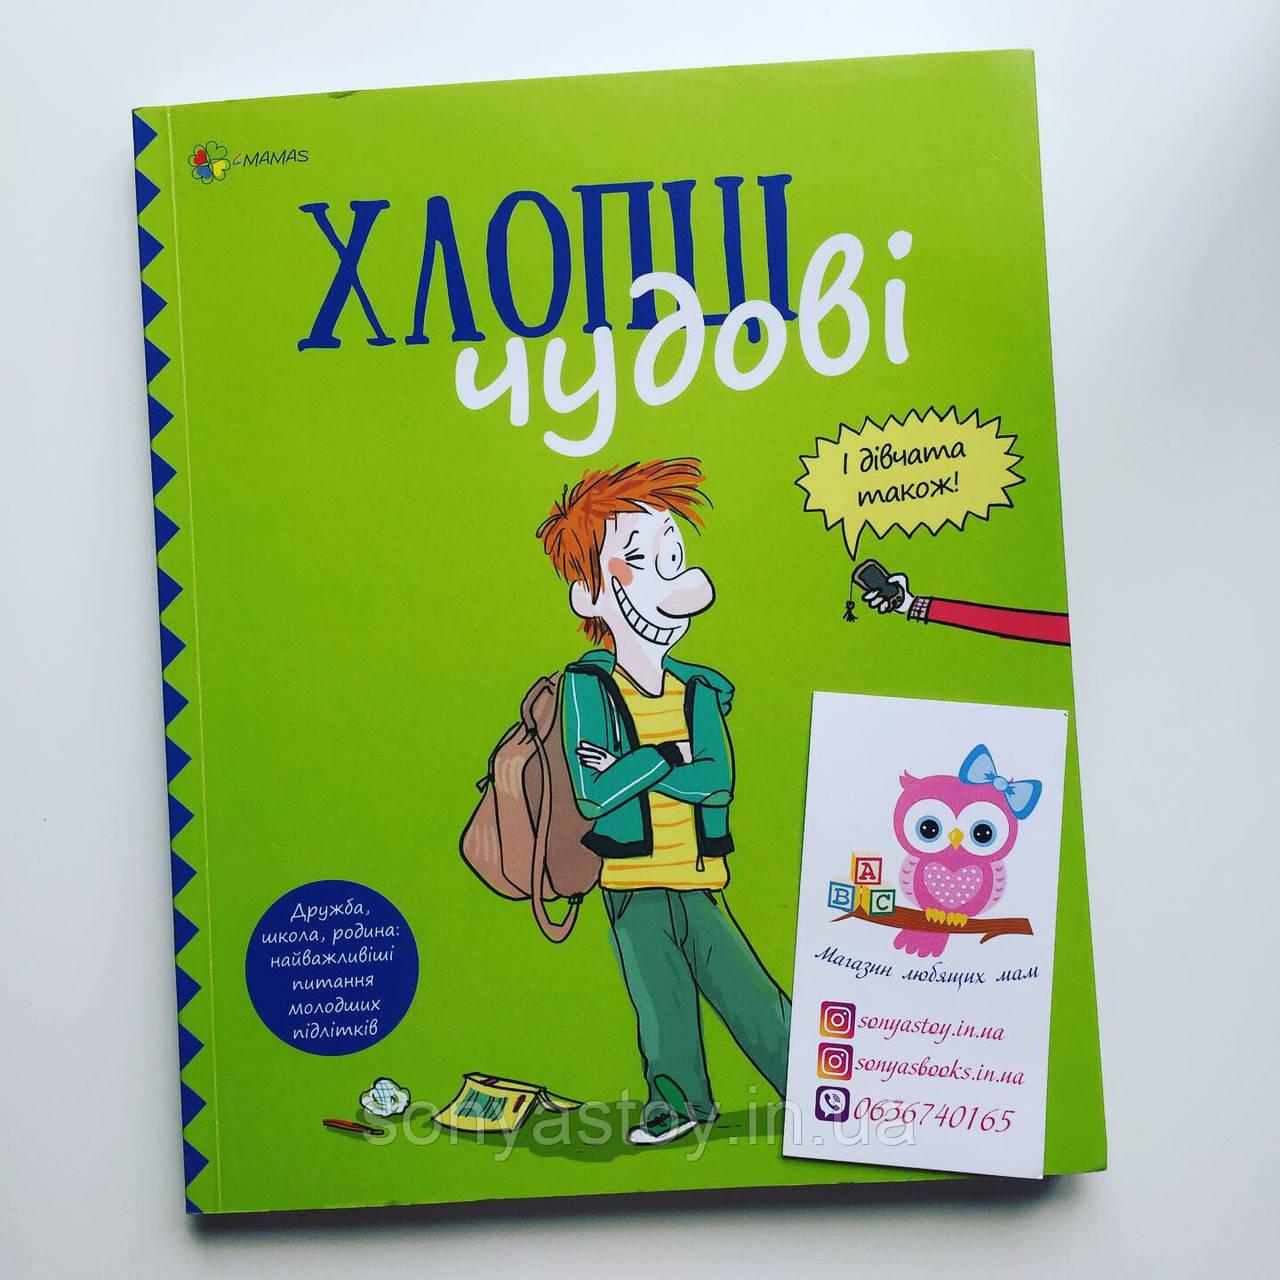 Книга Хлопці чудові, 12+